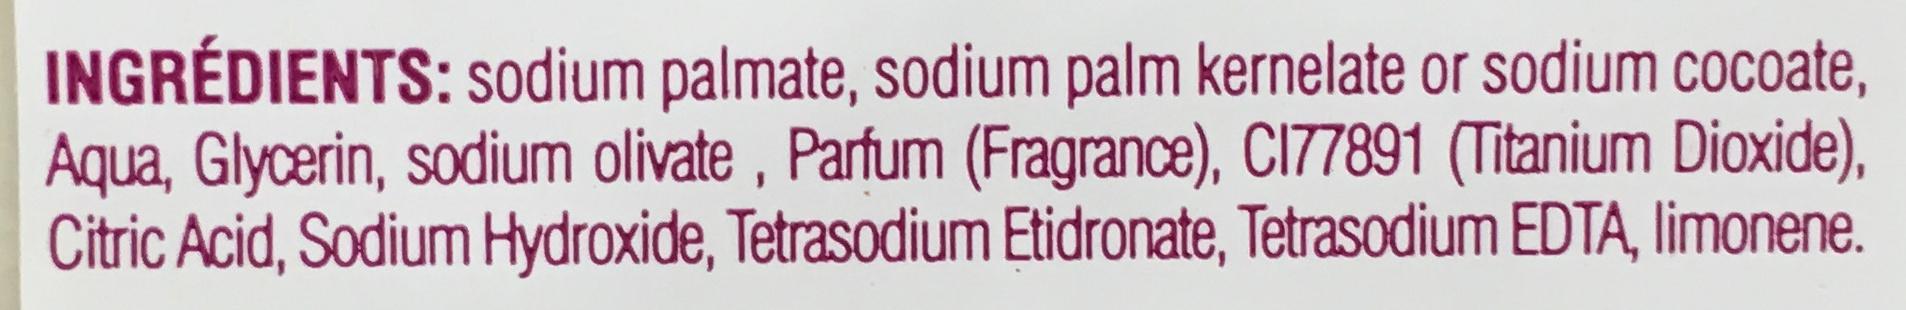 Savon naturel parfumé à l'huile d'olive - Ingredients - fr